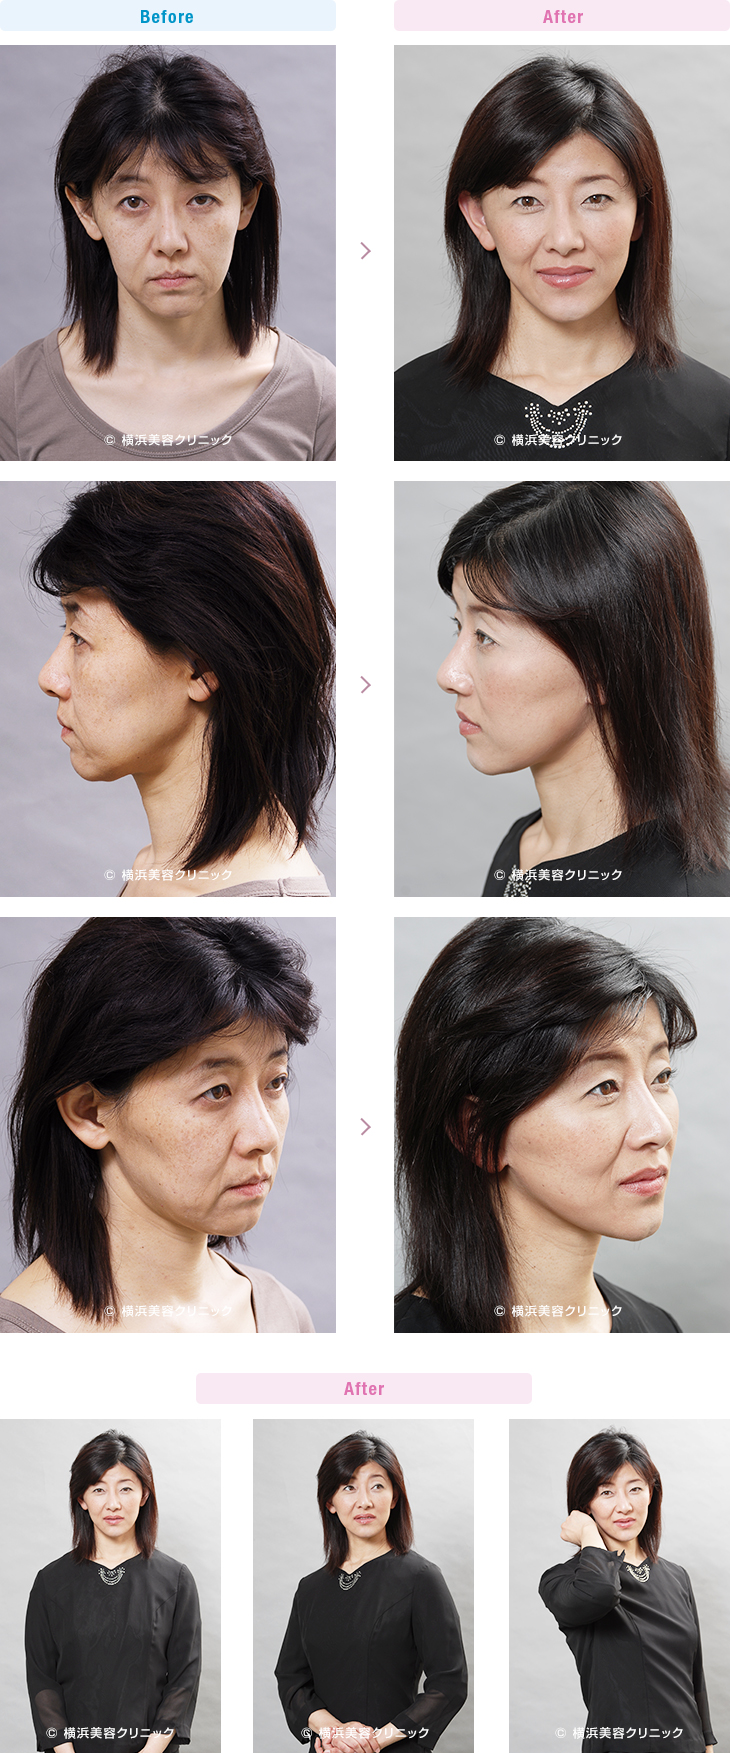 【40代女性】急激に痩せたために弛んでしまった頬に対して、ミニリフト(ミニ切開リフト)は非常に効果があります。(ミニリフトの症例)【横浜美容クリニック】